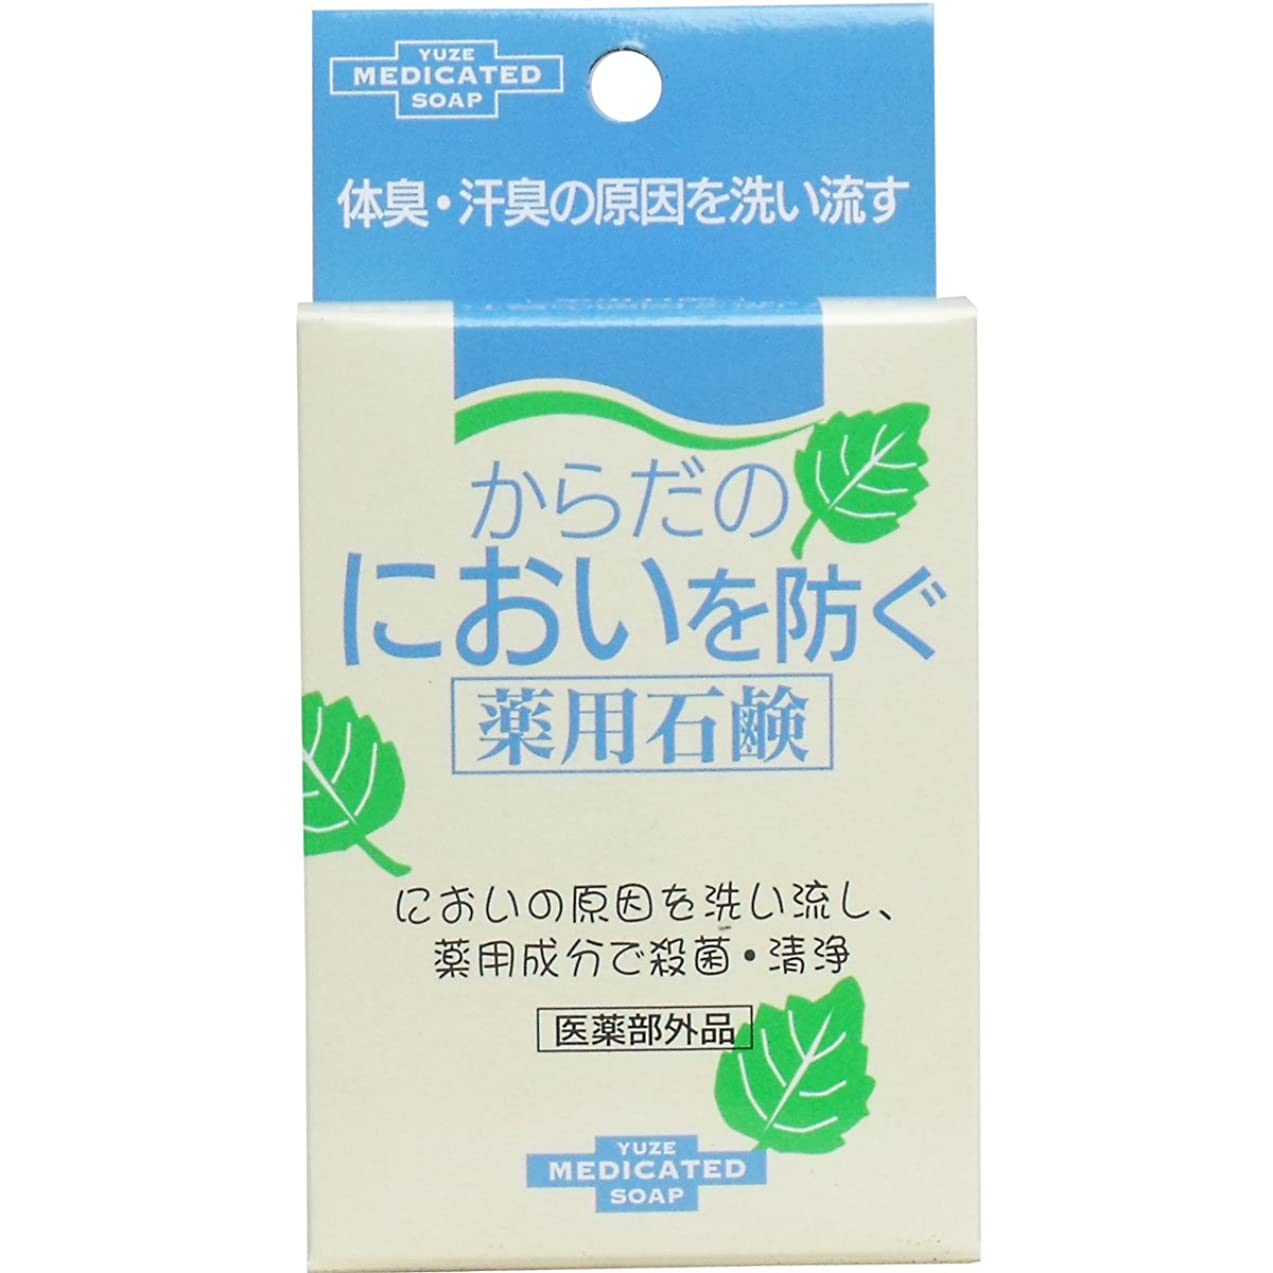 マエストロ評決繰り返したユゼ からだのにおいを防ぐ薬用石鹸 7セット